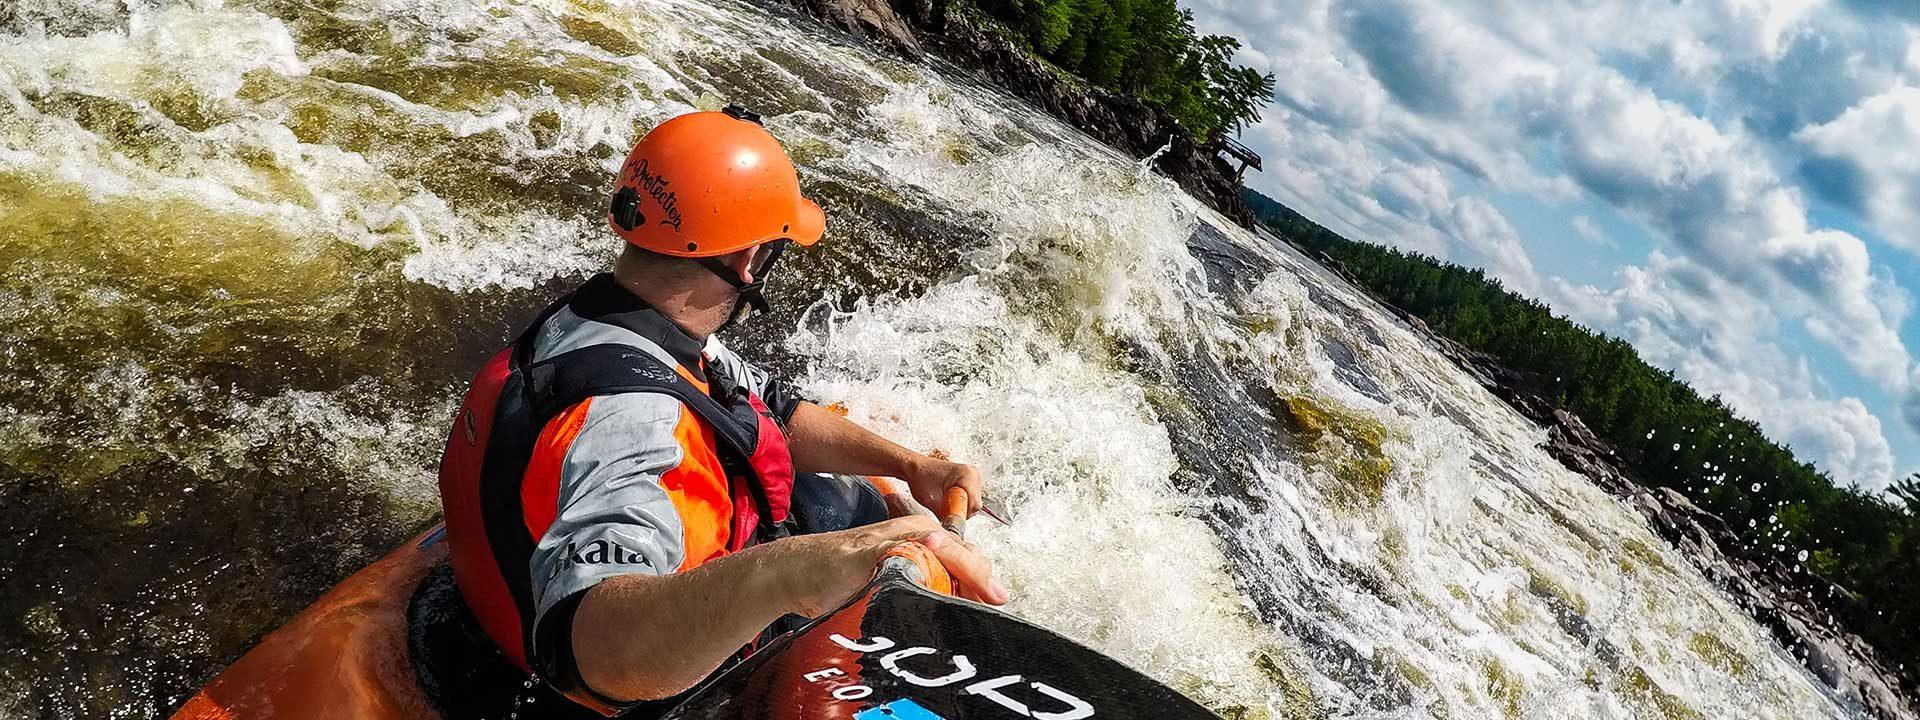 Kayaking on the Ottawa River